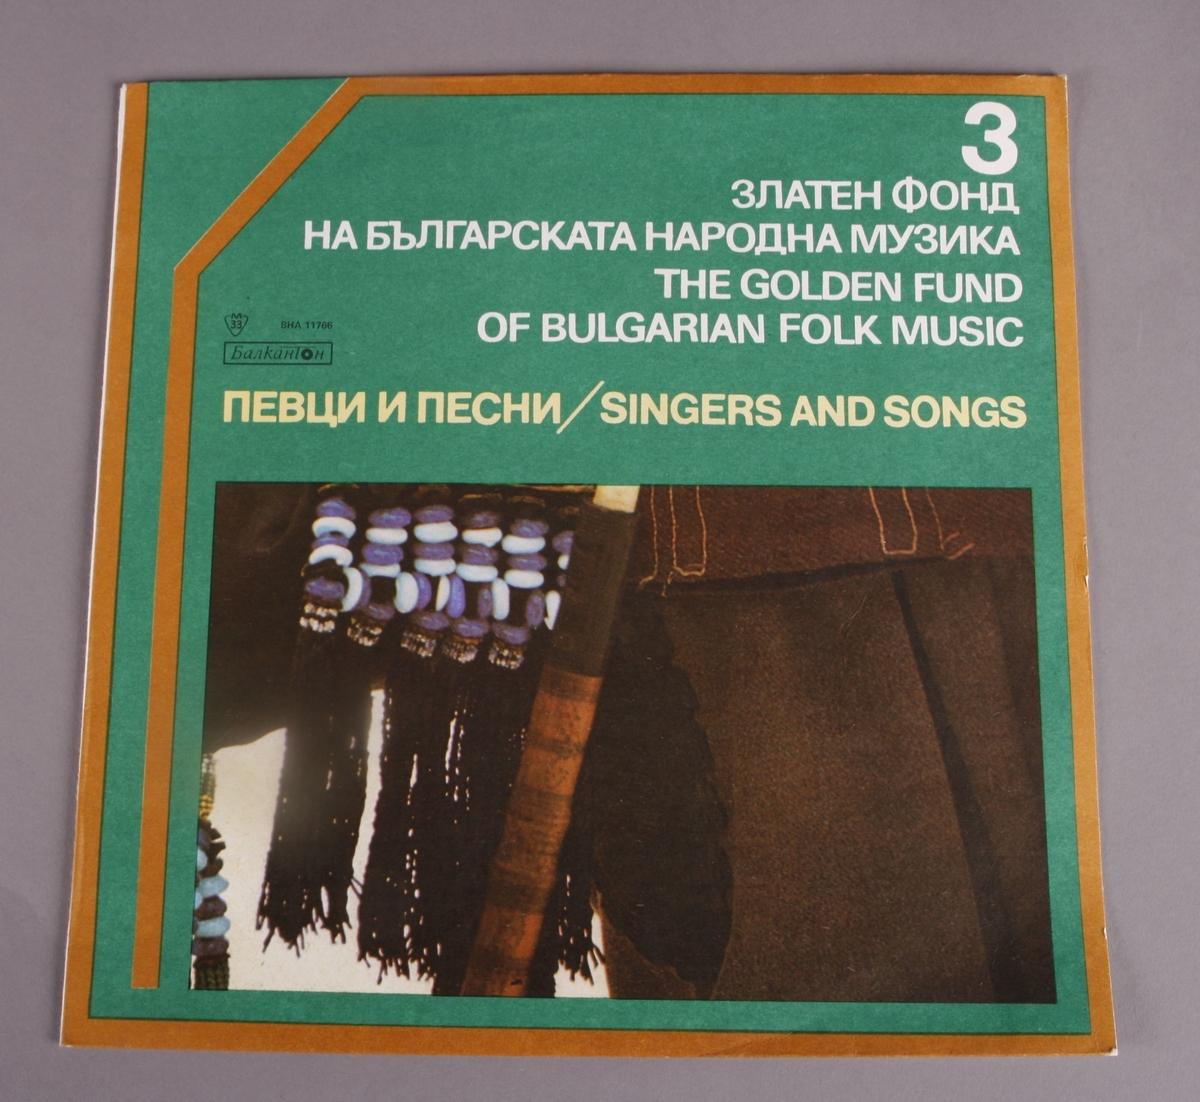 Grammofonplate i svart vinyl med plateomslag av papp. Platen ligger i en Plastlomme.